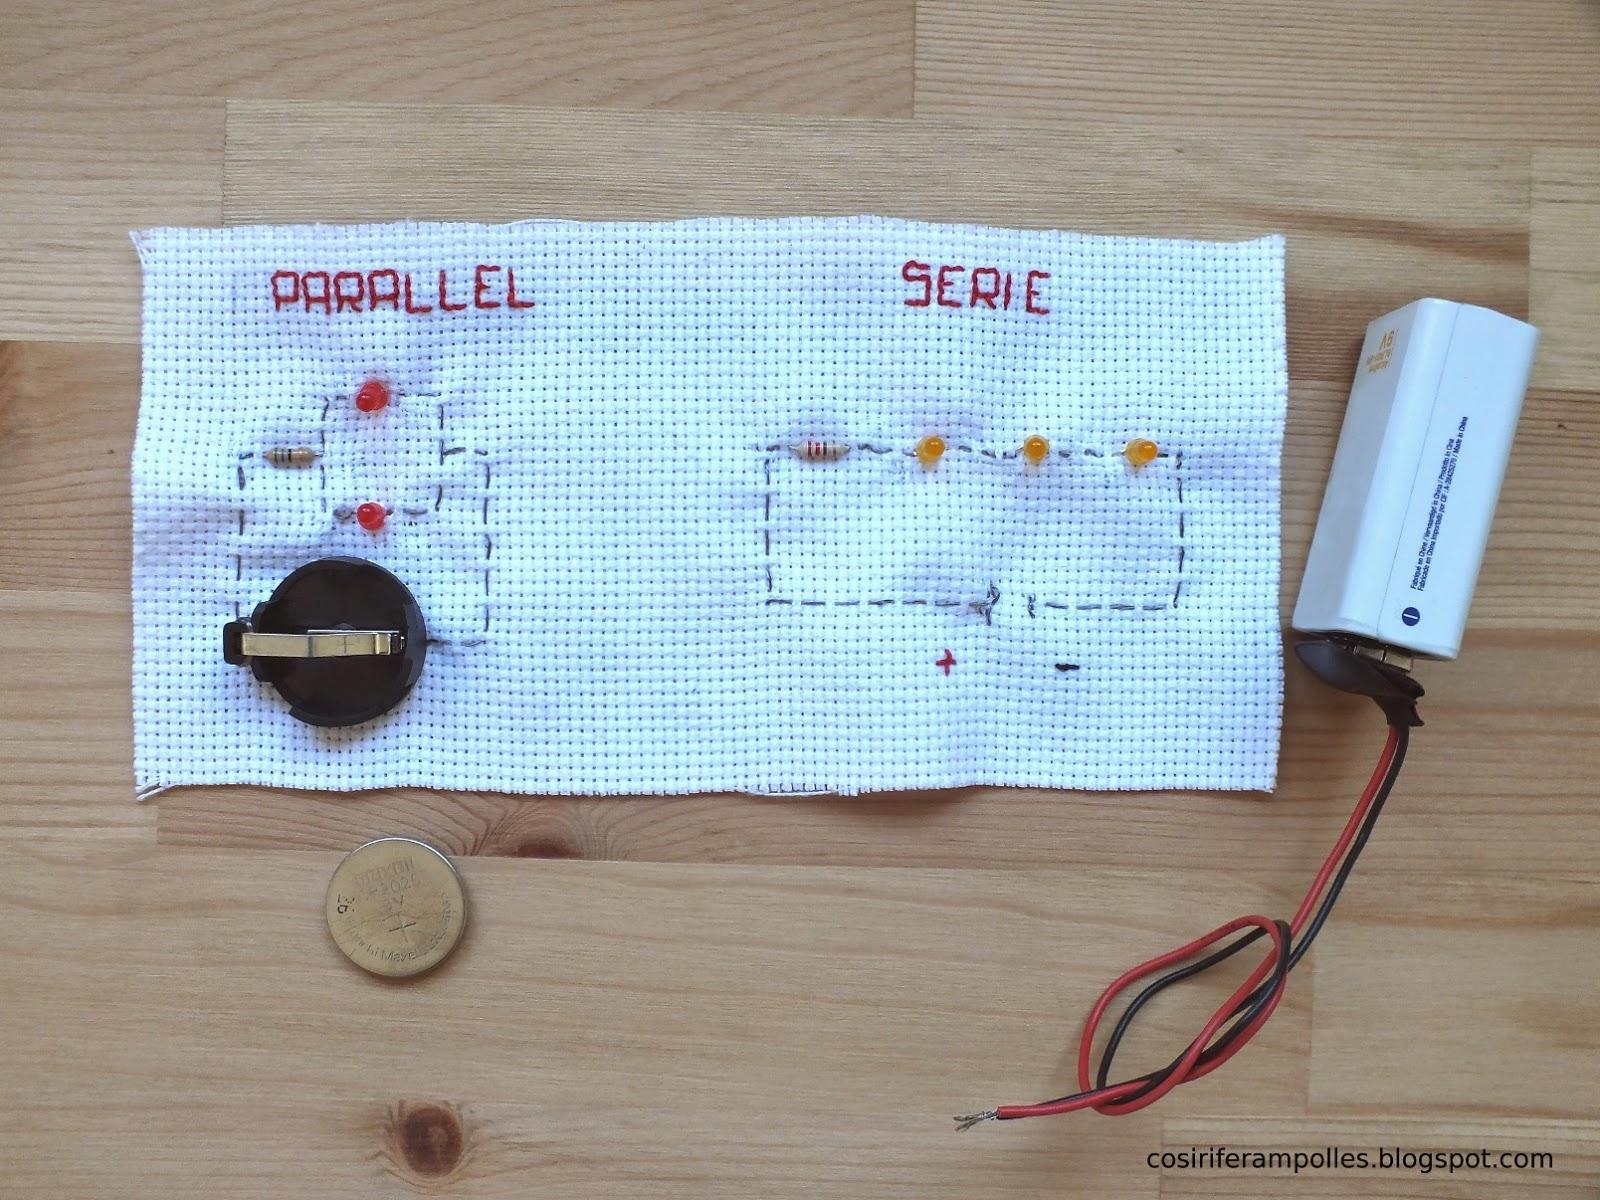 Circuito Seri E Paralelo : Cosir i fer ampolles cómo coser varios leds circuitos serie paralelo